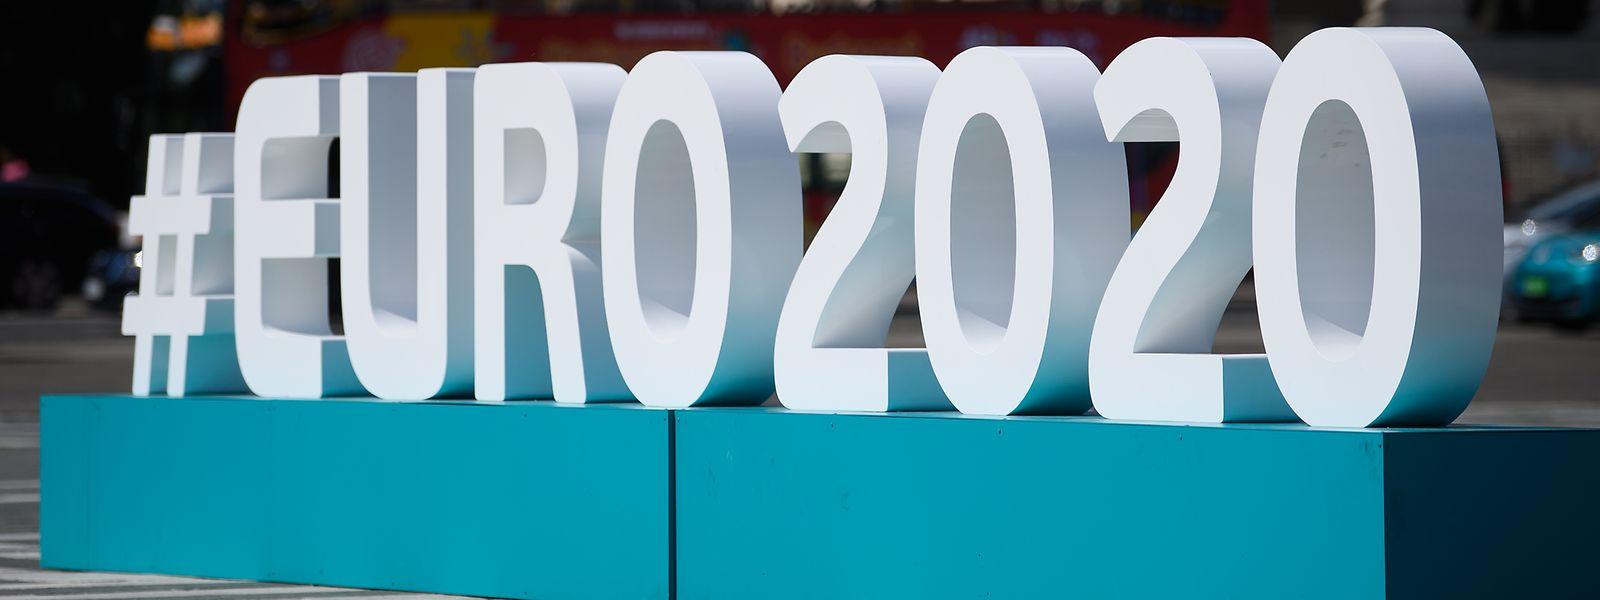 Die Europameisterschaft findet in diesem Jahr in elf Städten statt.